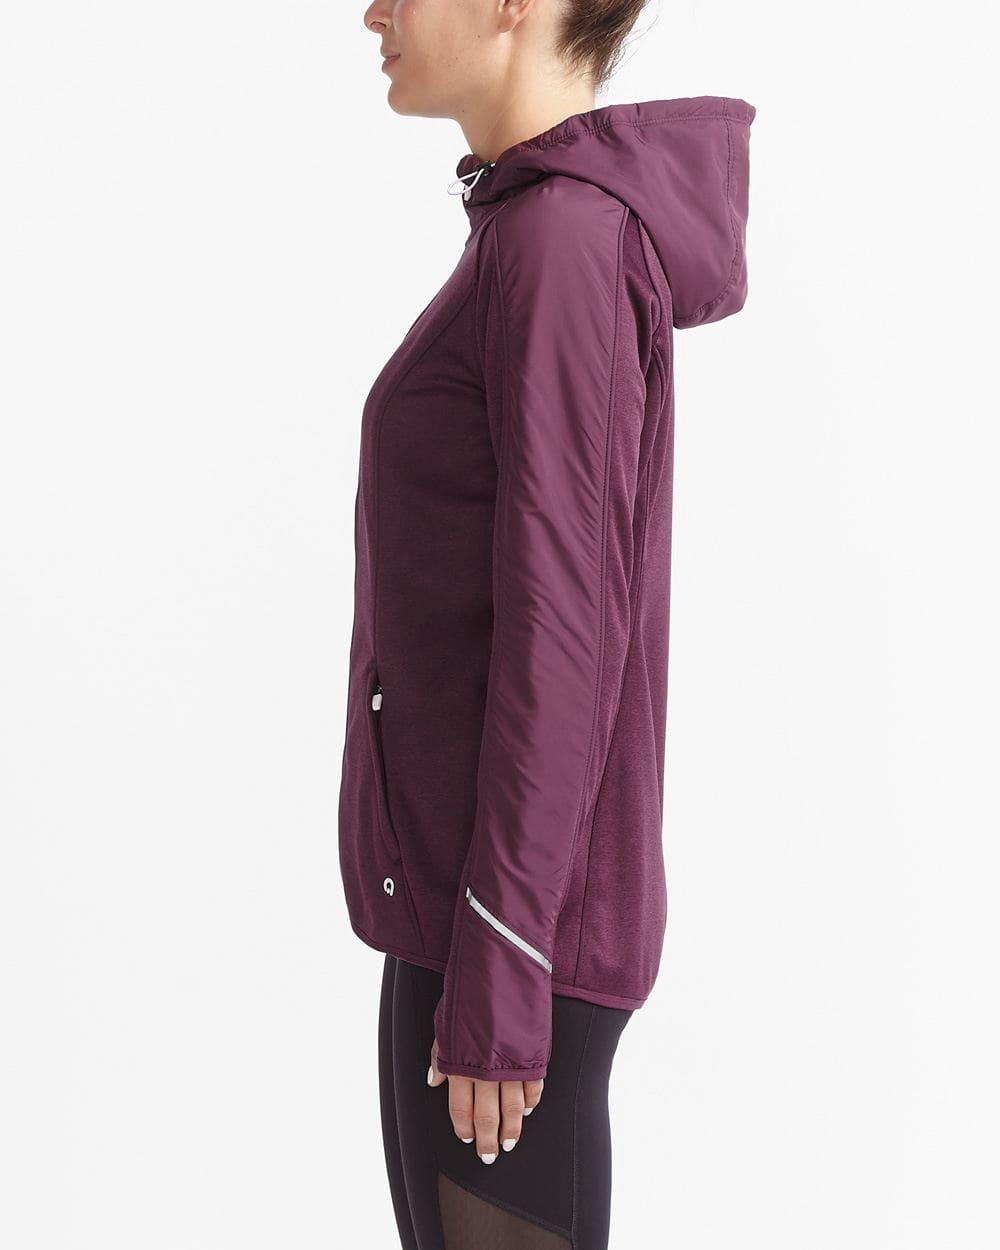 Hyba Hooded Mixed Media Jacket